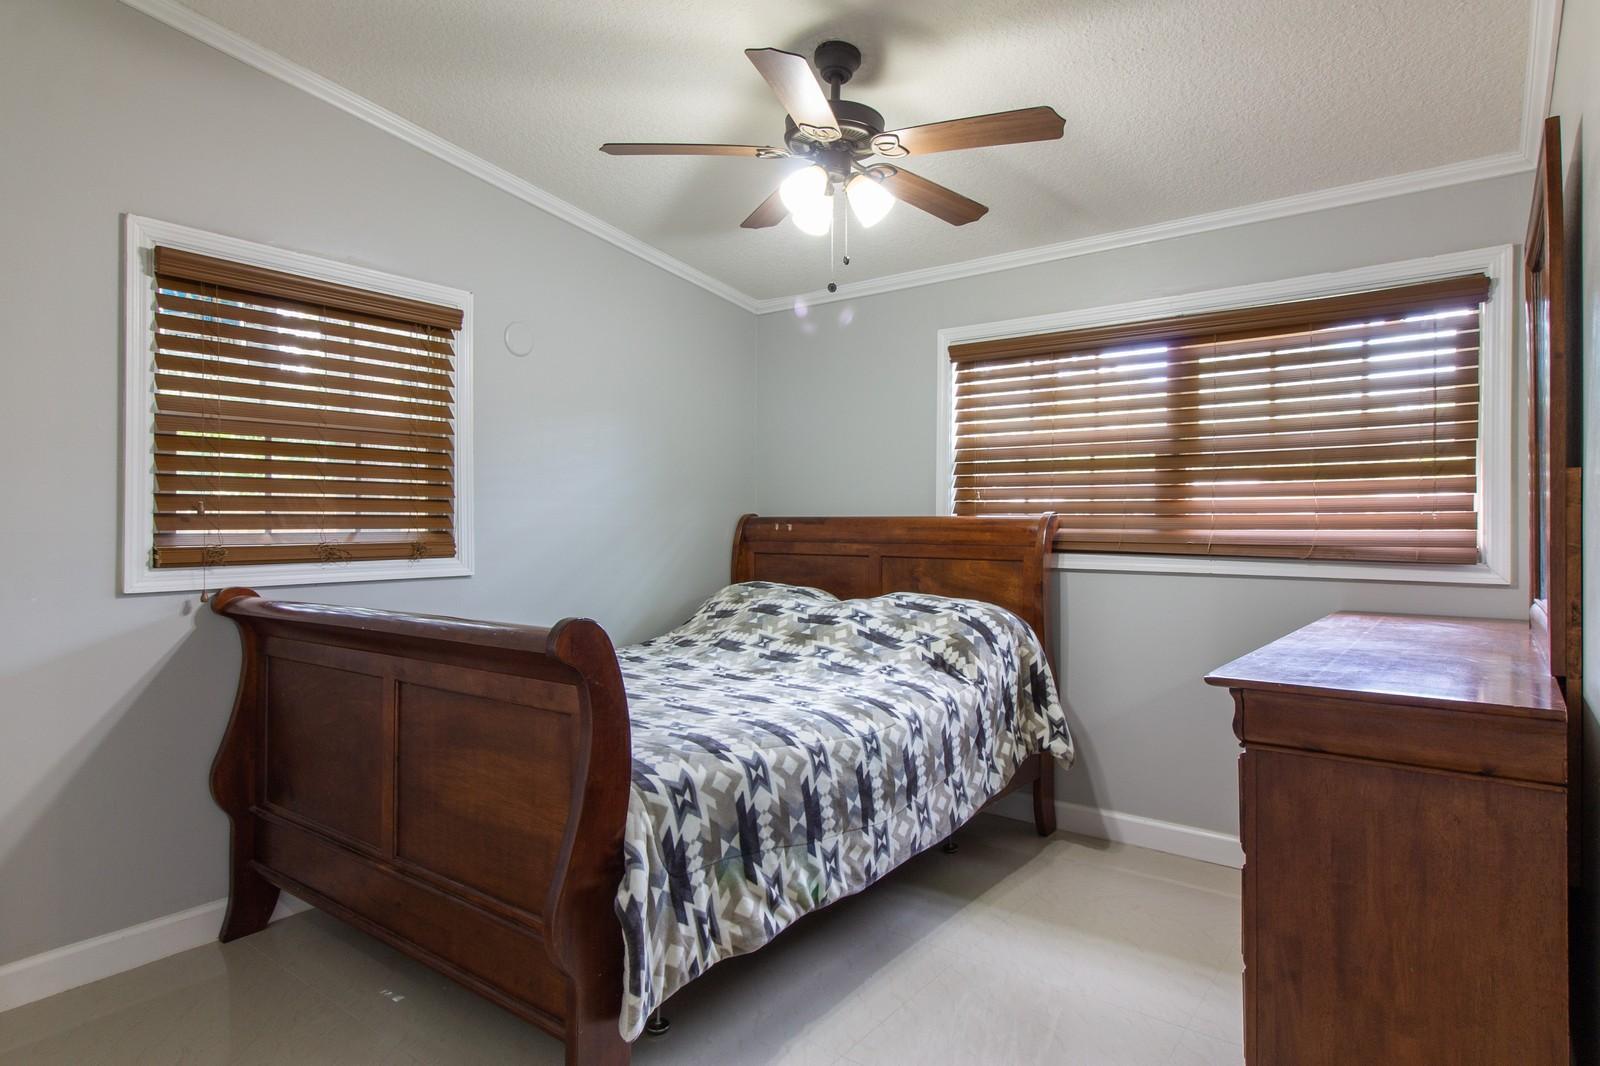 Real Estate Photography - 2519 COTILLION RD, JACKSONVILLE, FL, 32211 - 3rd Bedroom